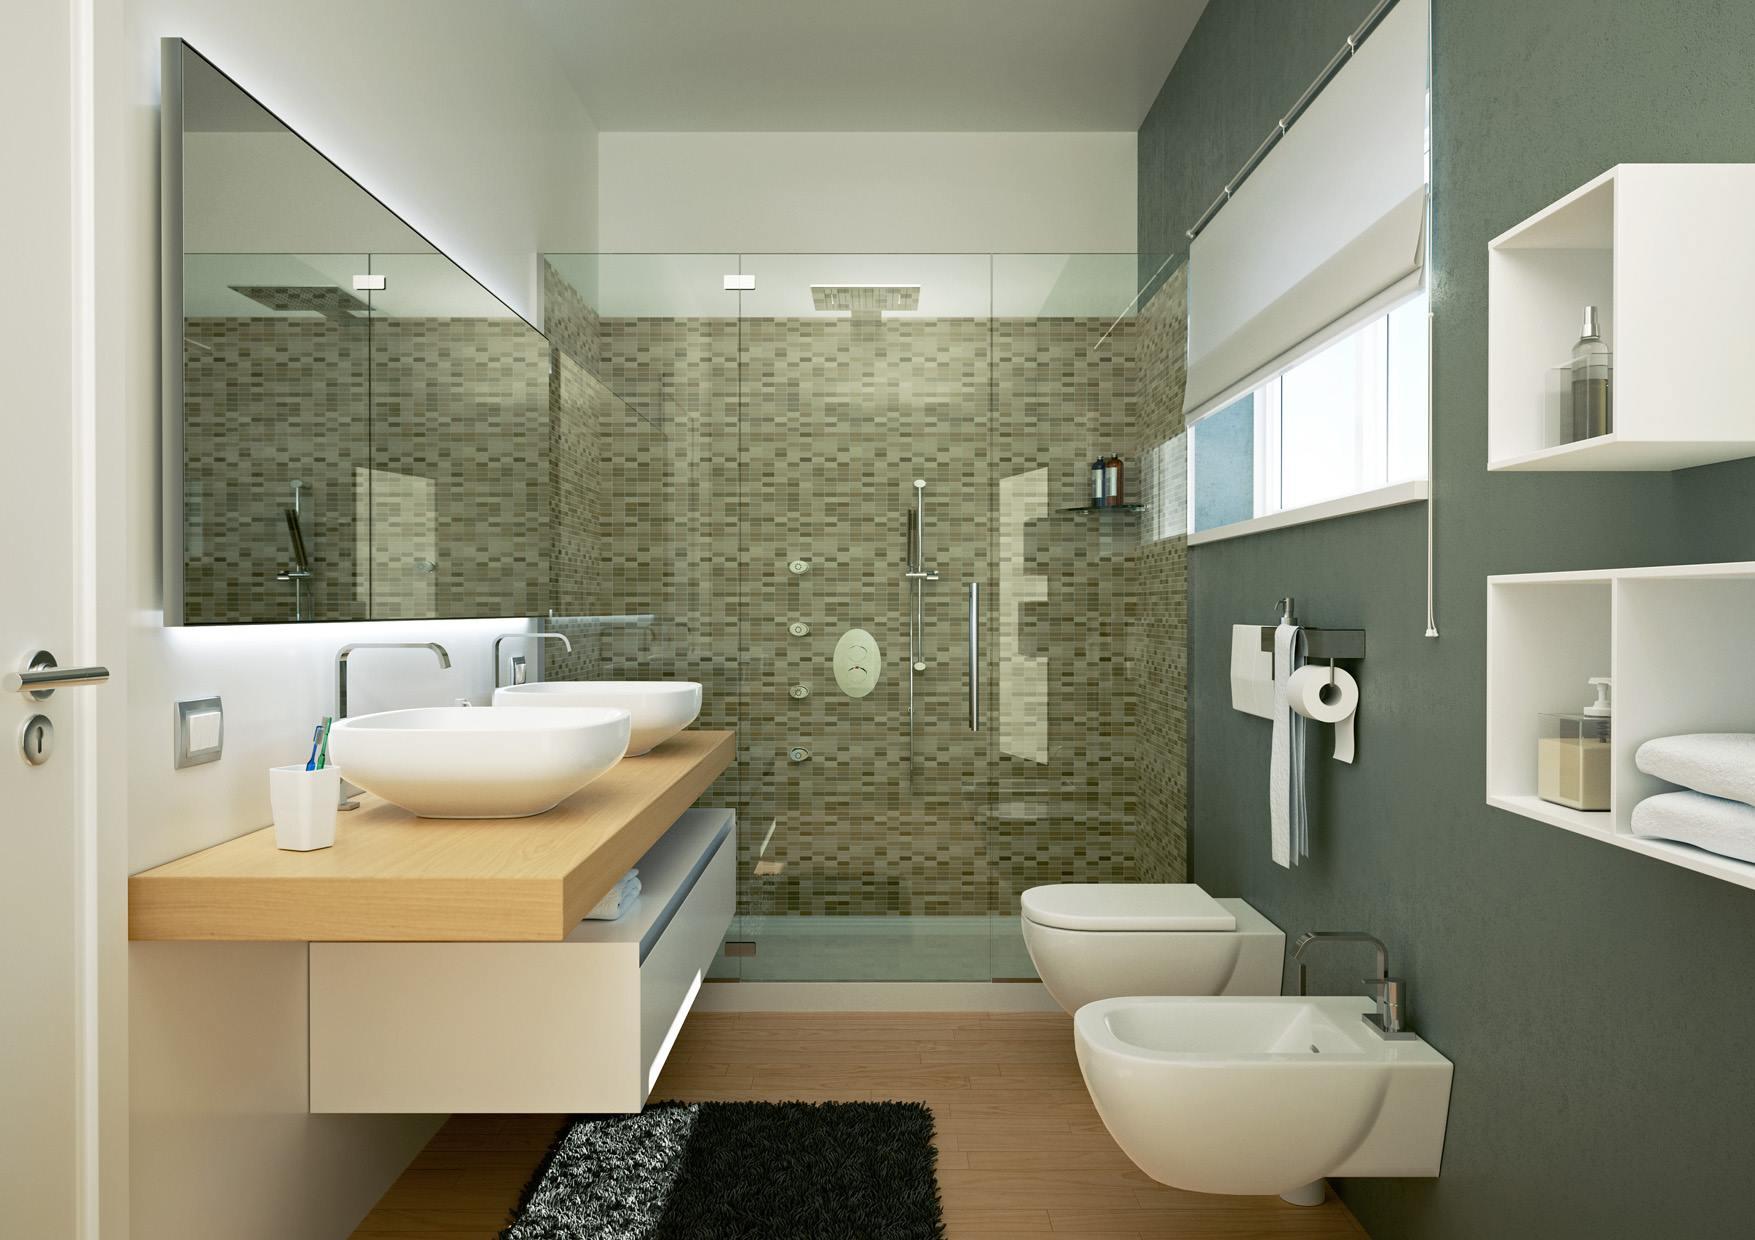 Concorezzo immobili arosio immobiliare lesmo - Progetto bagno paderno ...